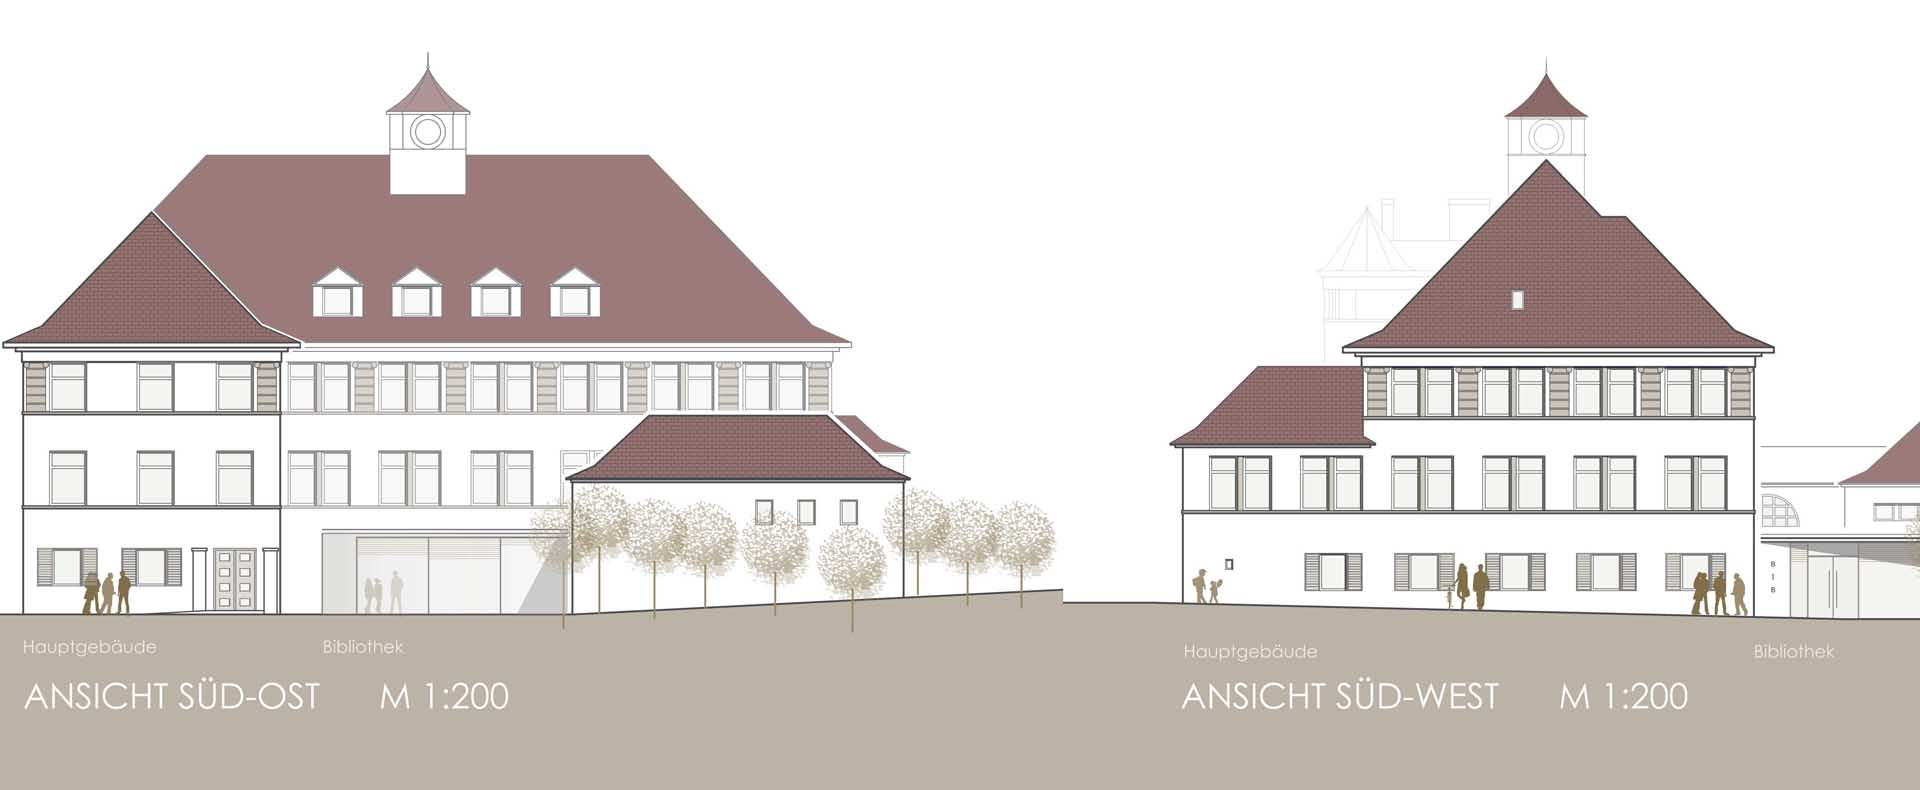 Wettbewerb Schillerschule Eningen unter der Achalm, 2017, 1. Preis